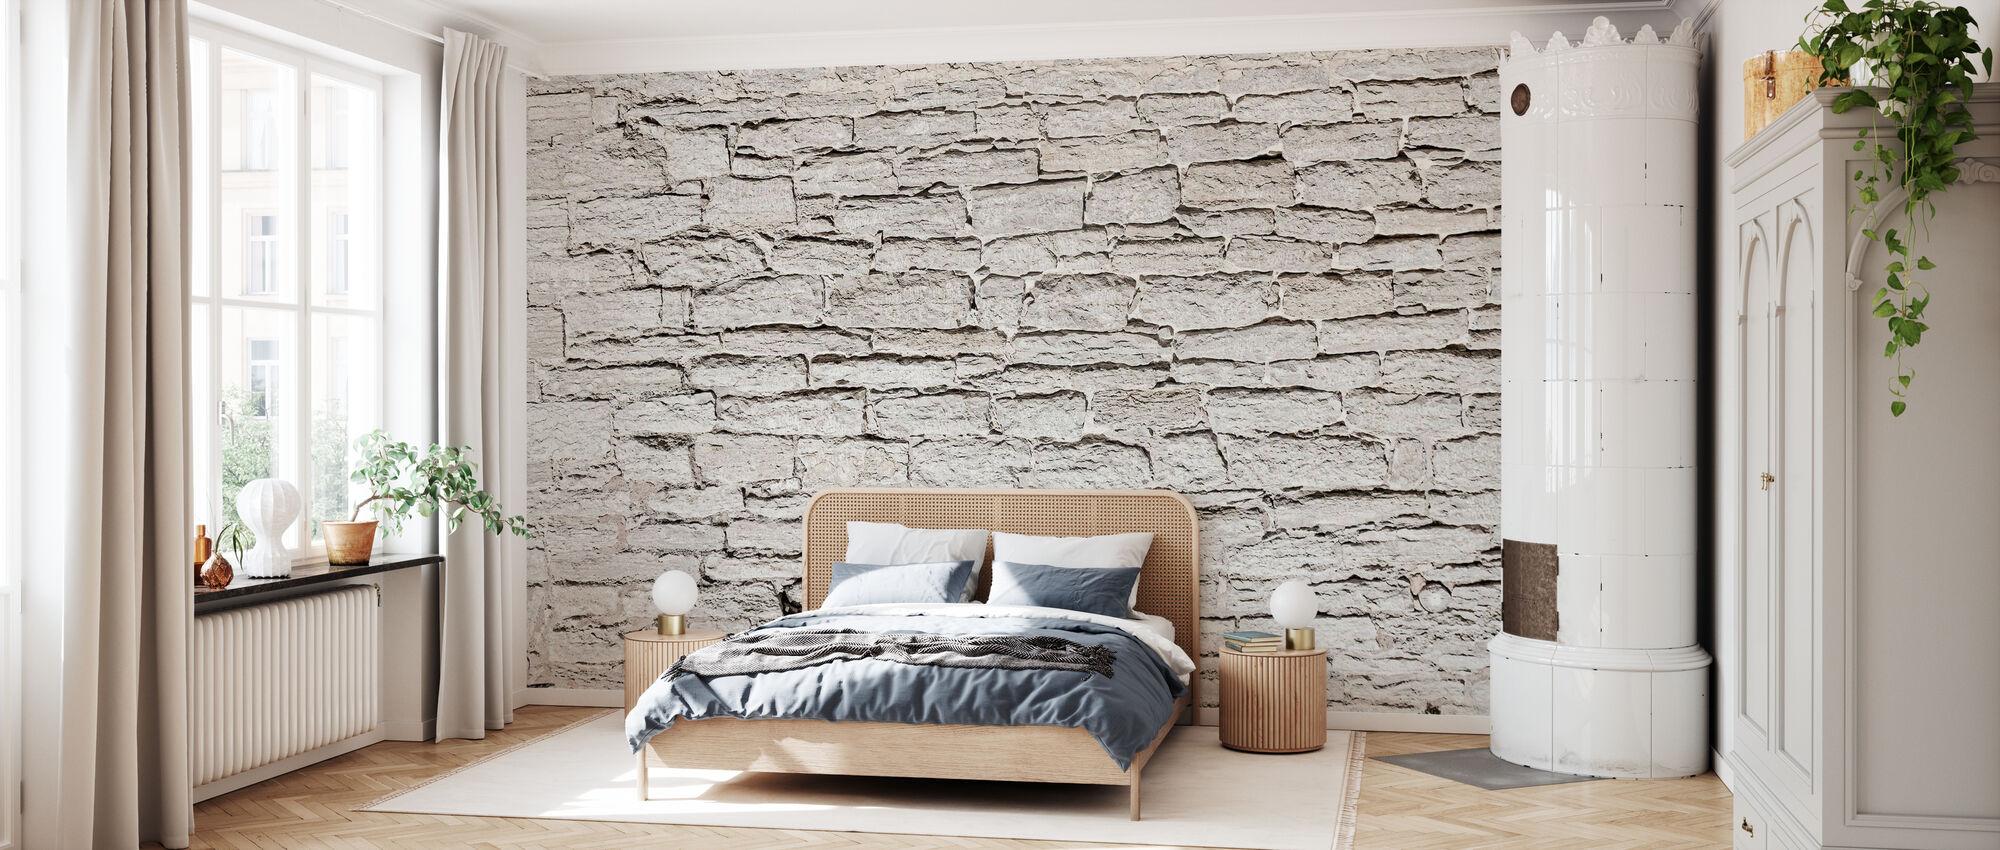 Mur de pierre gris clair - Papier peint - Chambre